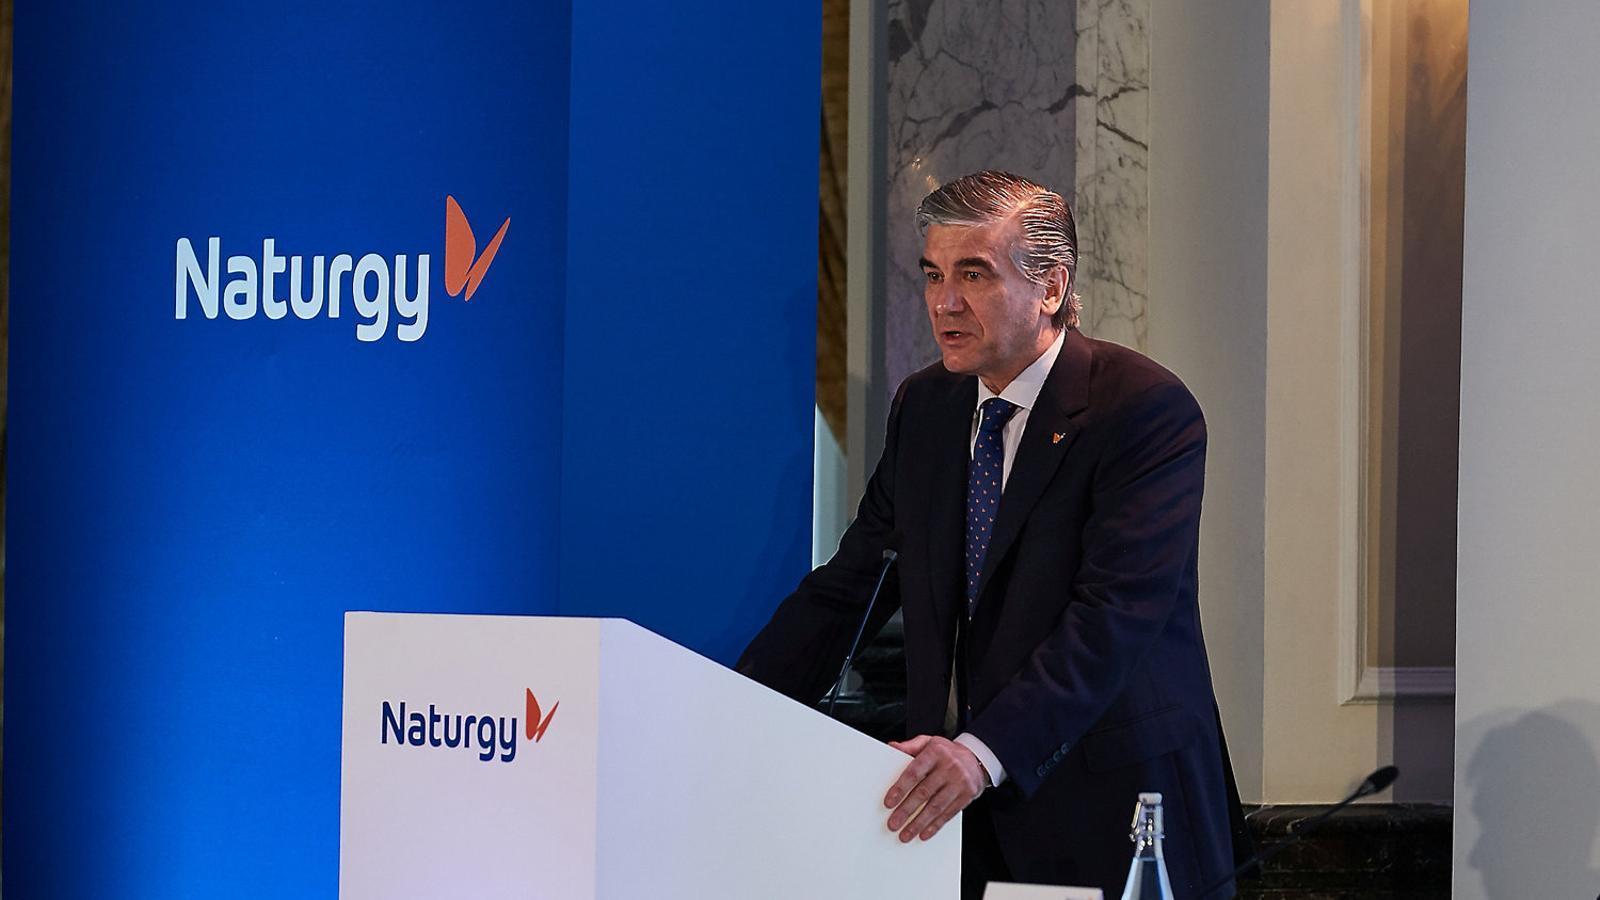 Naturgy substitueix Gas Natural Fenosa  com a marca de la companyia energètica  per afrontar els nous reptes El nou Pla Estratègic 2018-2022  se centra en la creació de valor